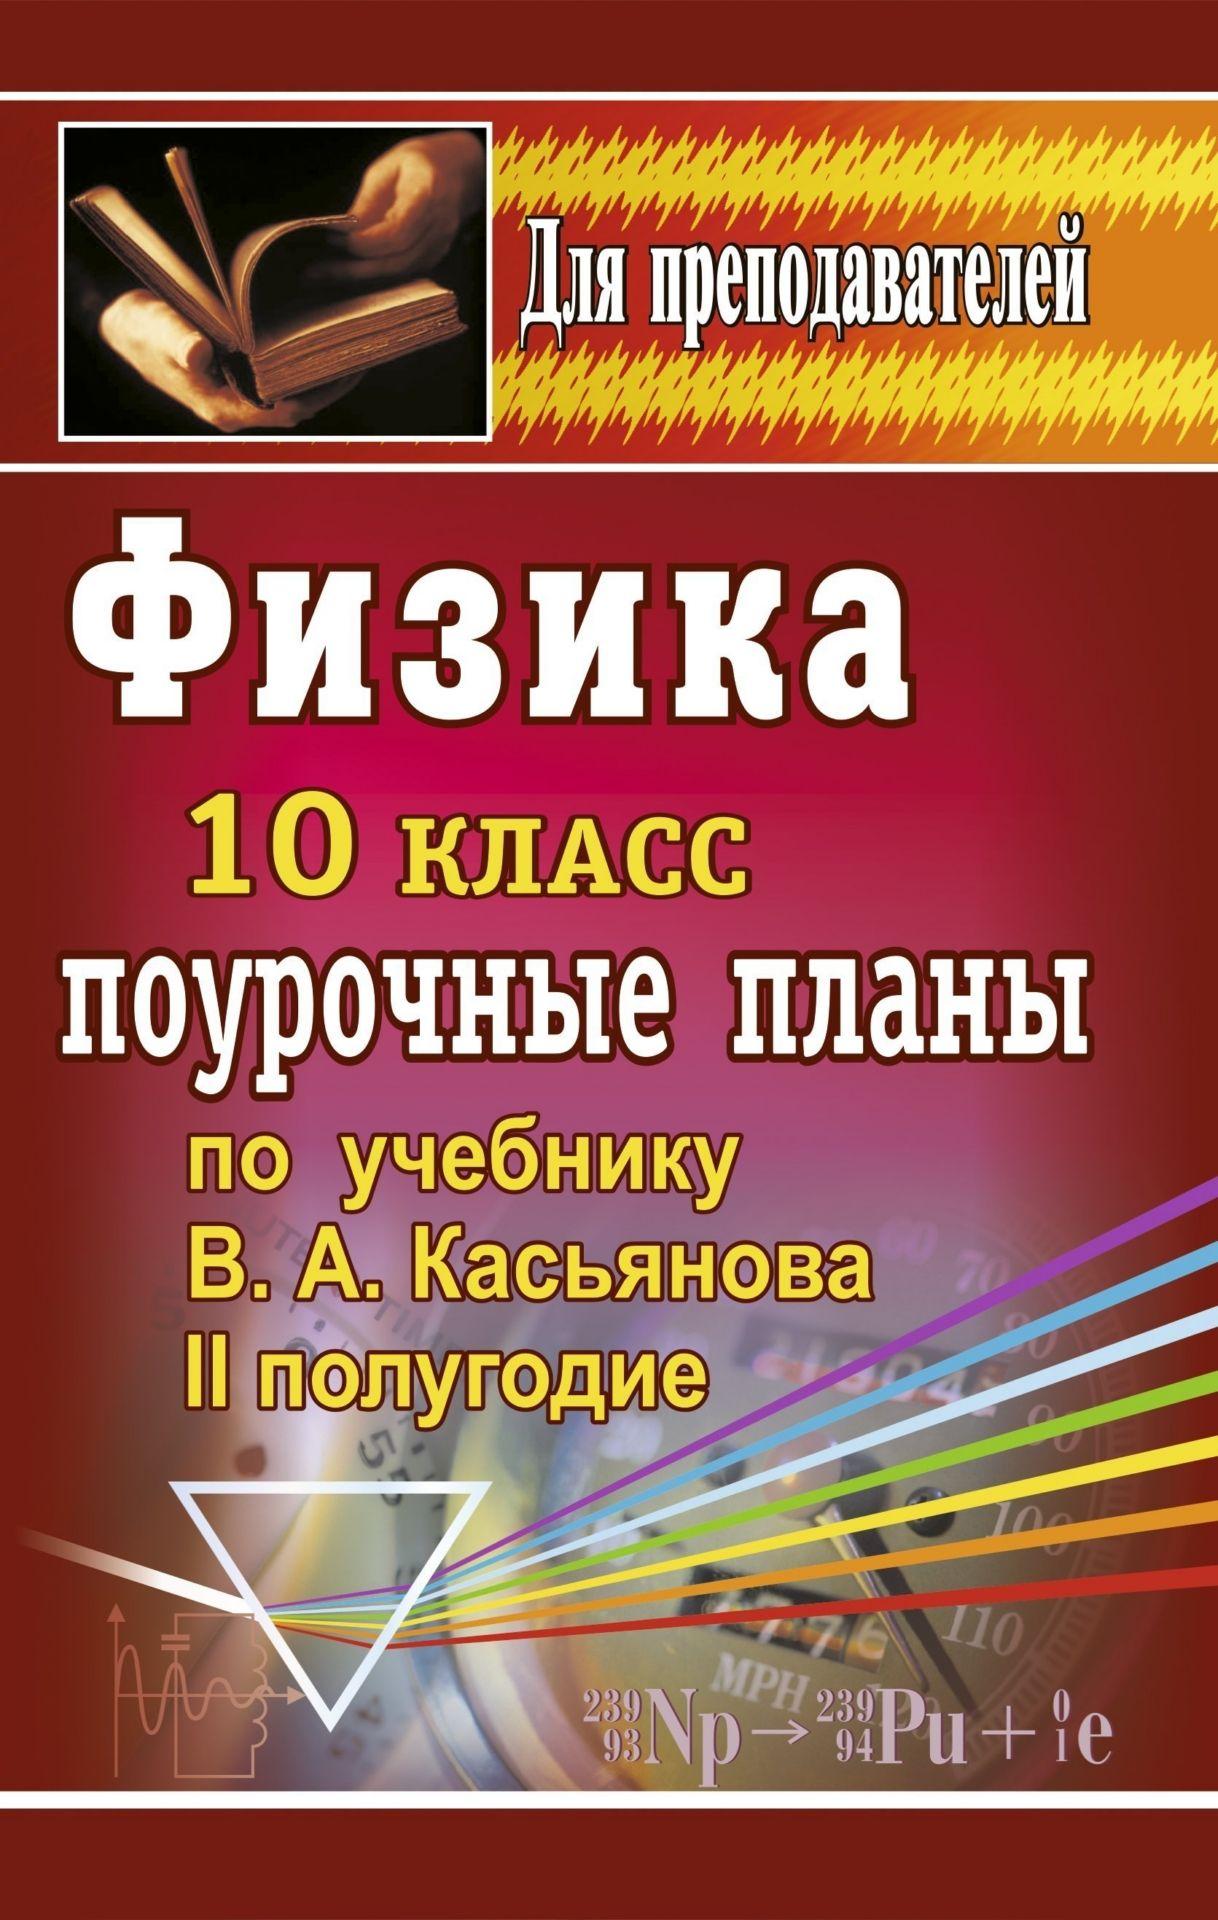 Физика.10 класс: поурочные планы по учебнику В. А. Касьянова. II полугодие